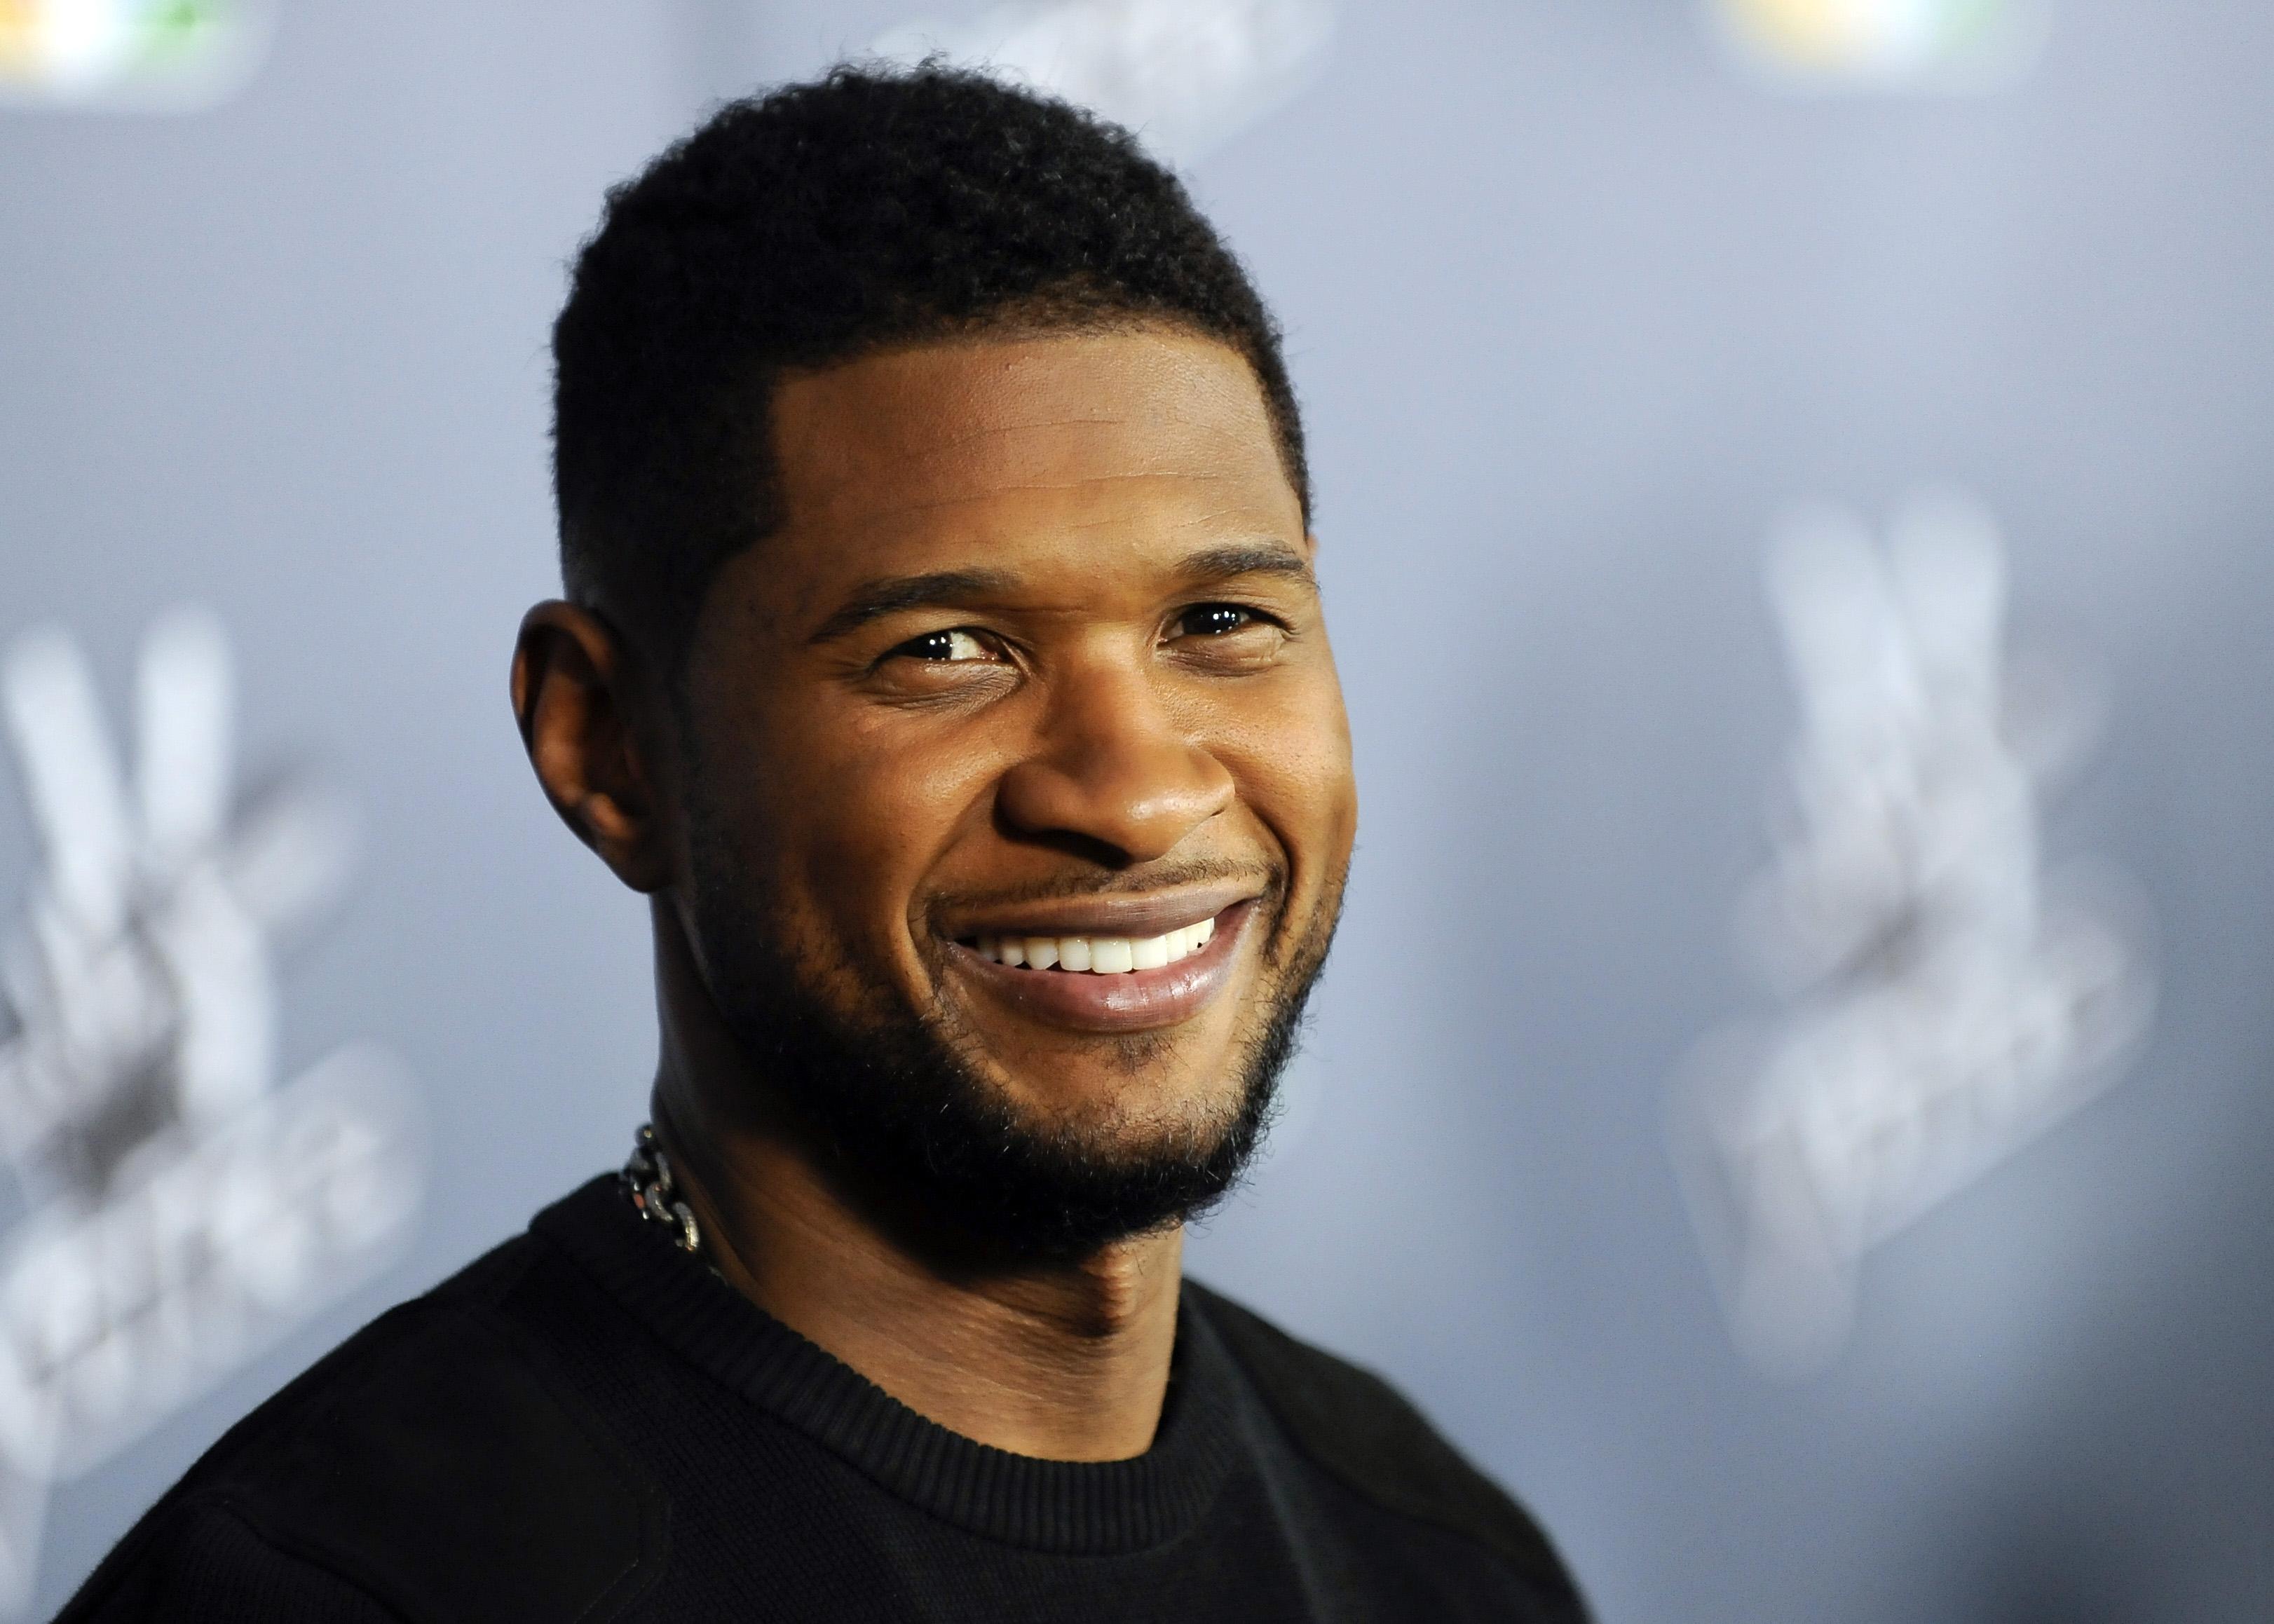 Usher Background